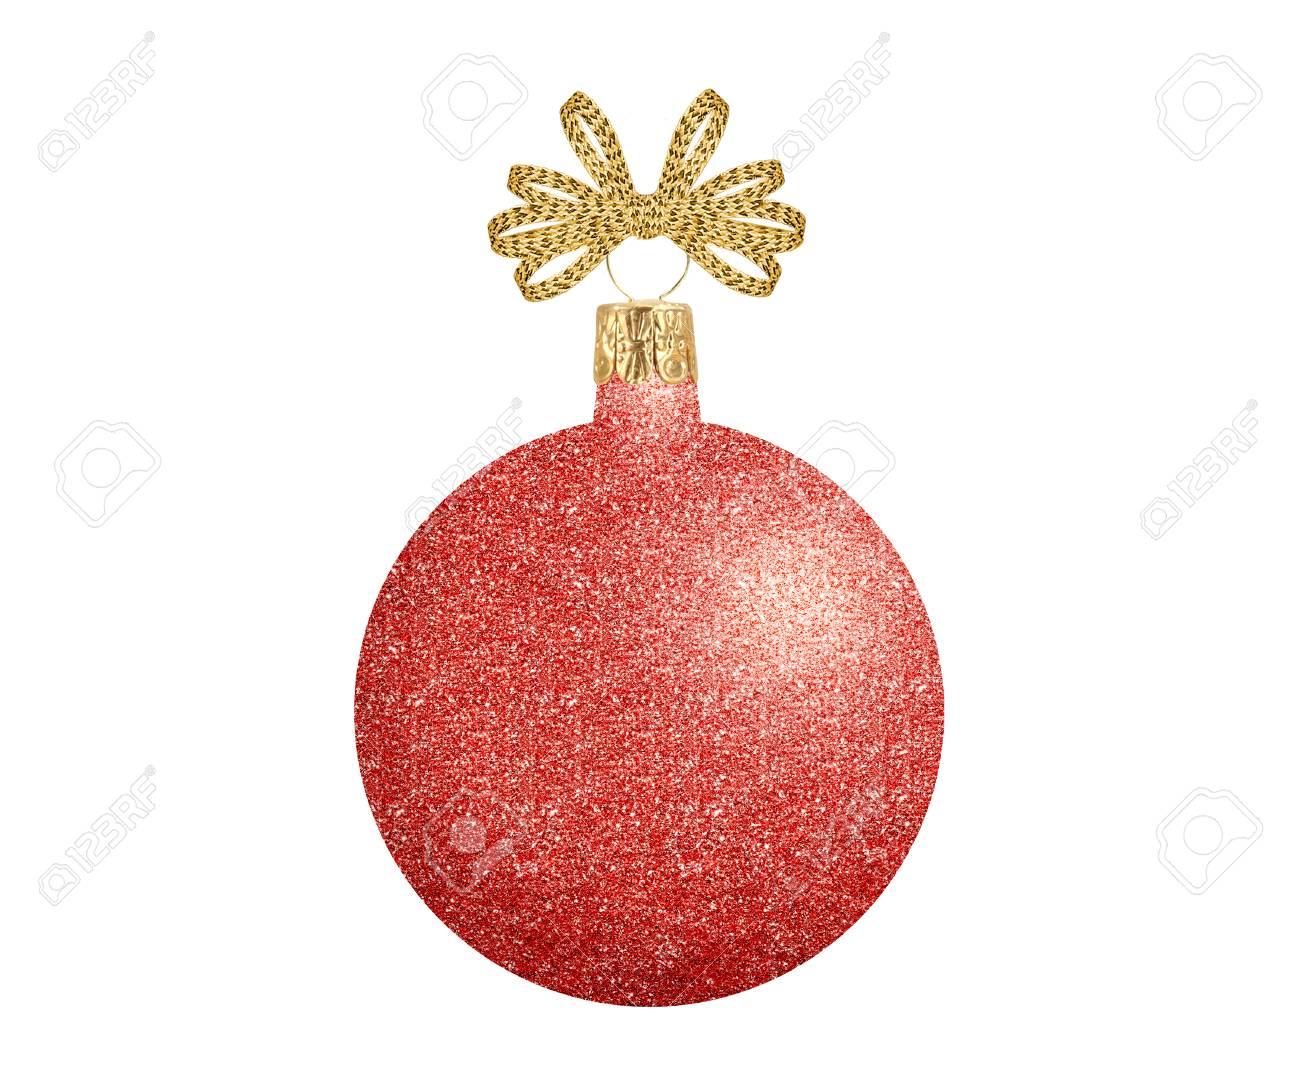 Red Glitter Weihnachtsdekor Ball Isoliert Auf Weißem Hintergrund ...